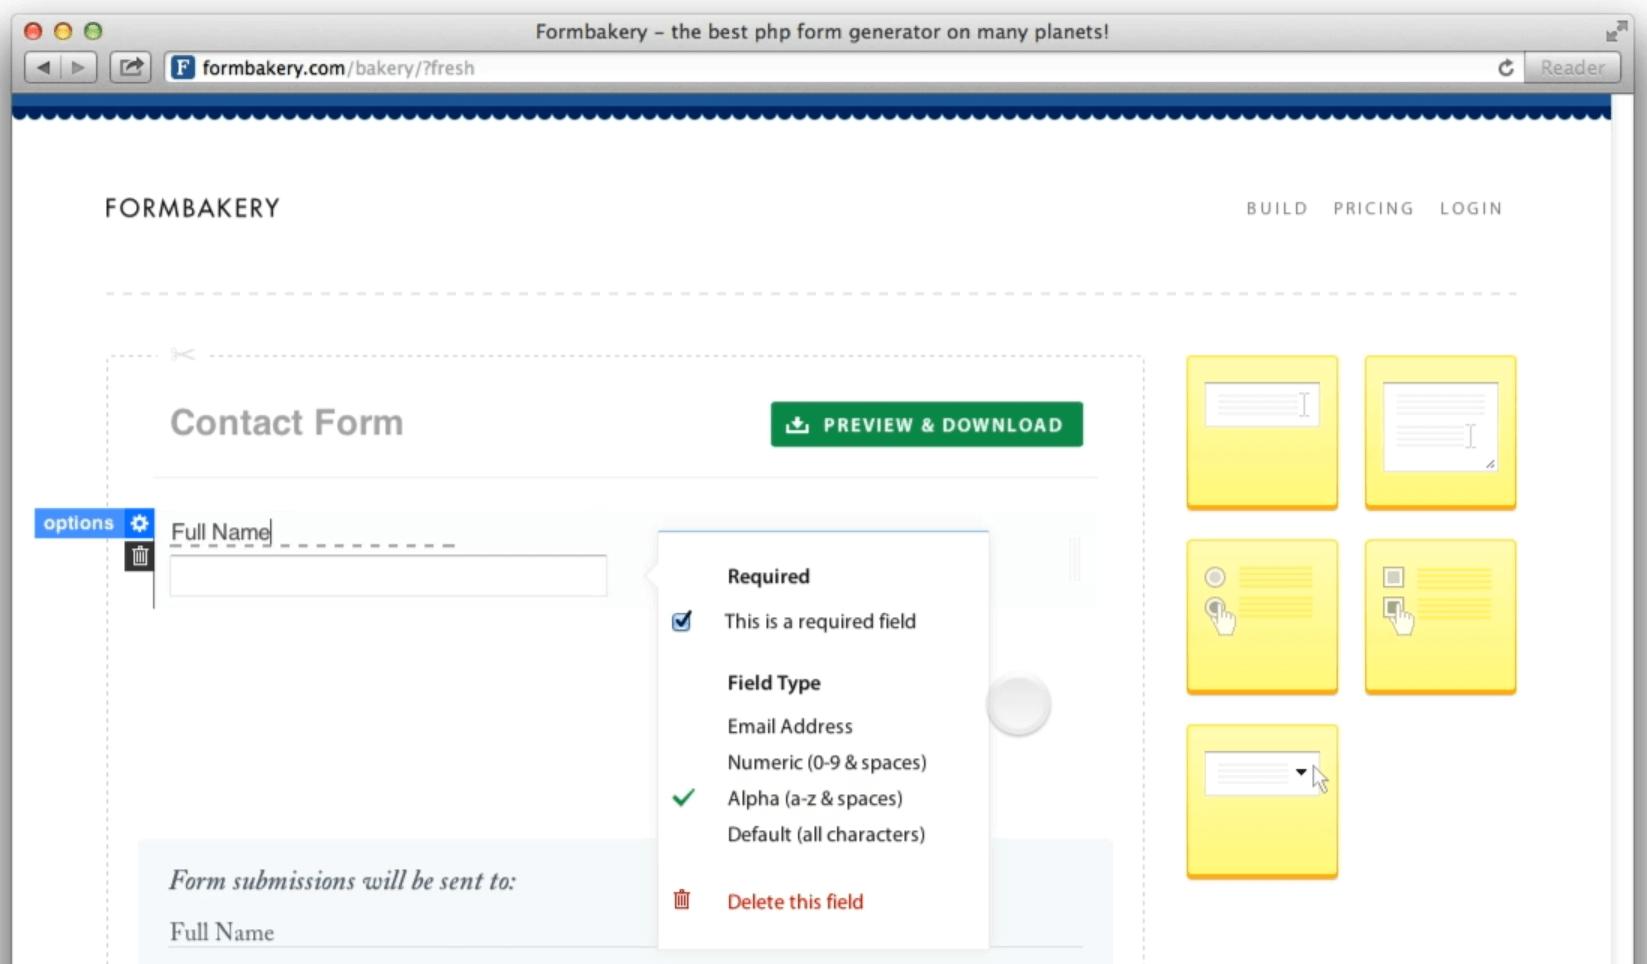 HubSpot-Formular-Designer-Formbakery